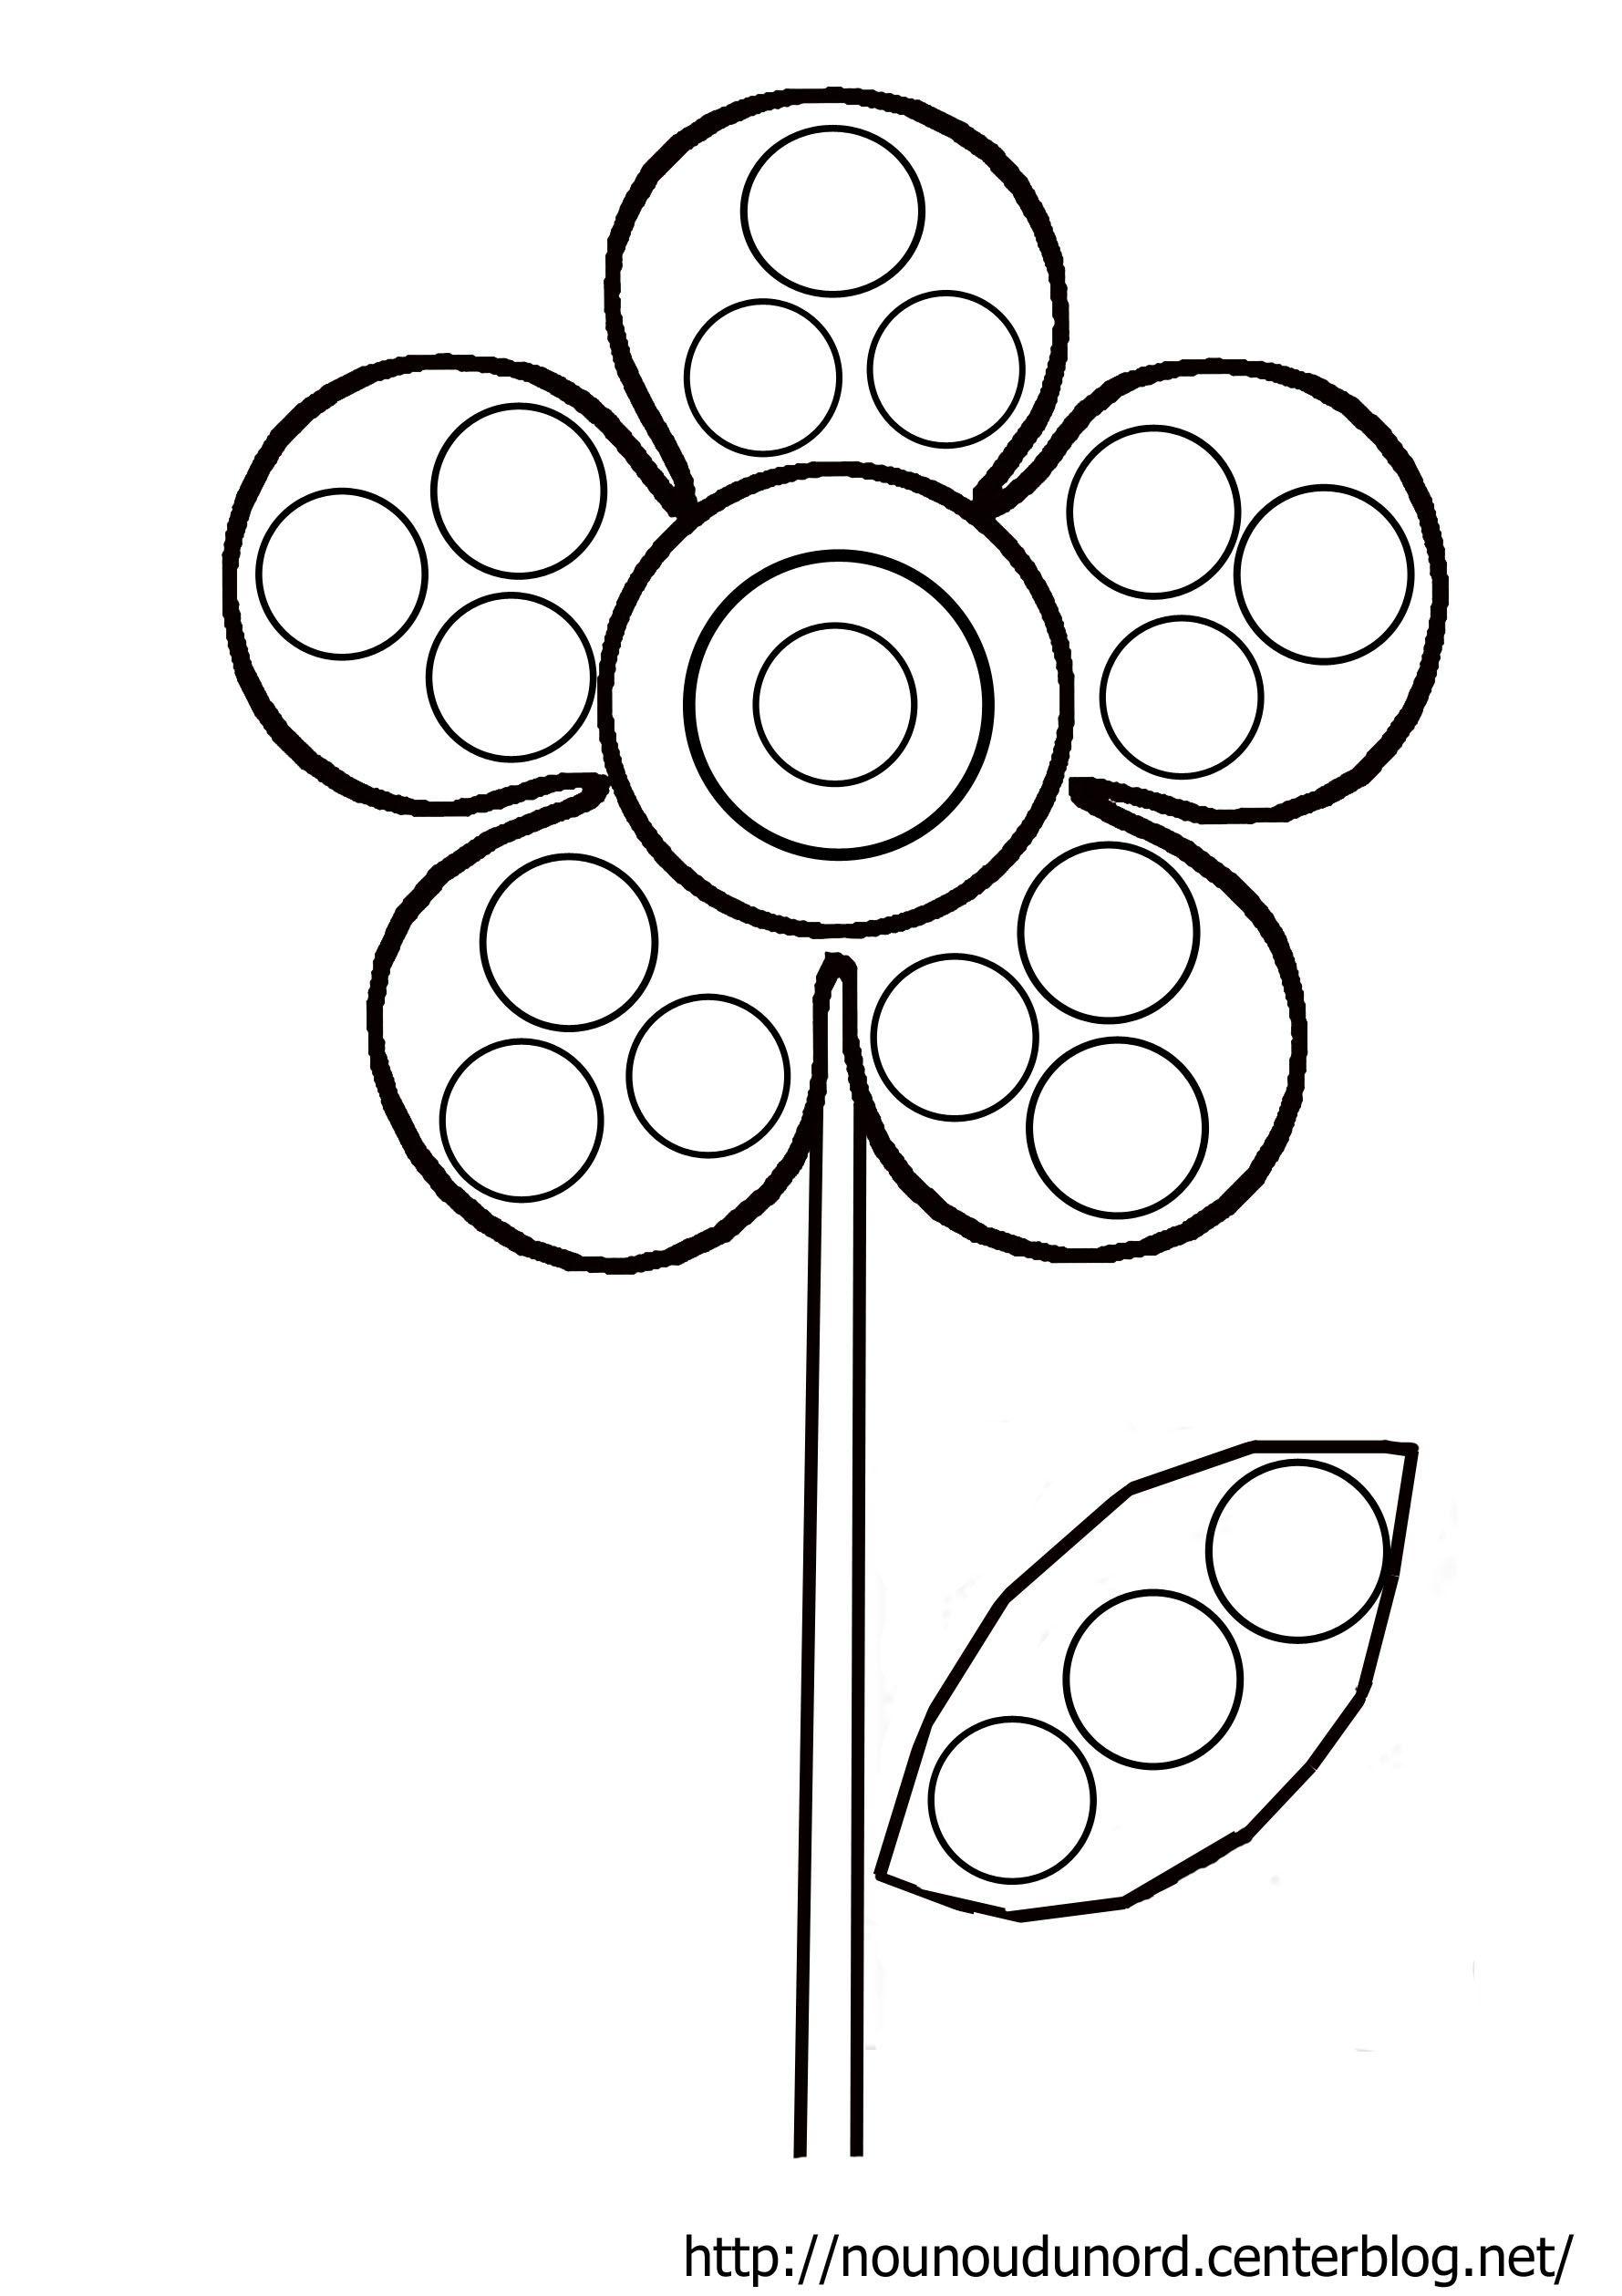 Image du blog activit s enfants pinterest coloriage fleur - Coloriage fleur 3 ans ...